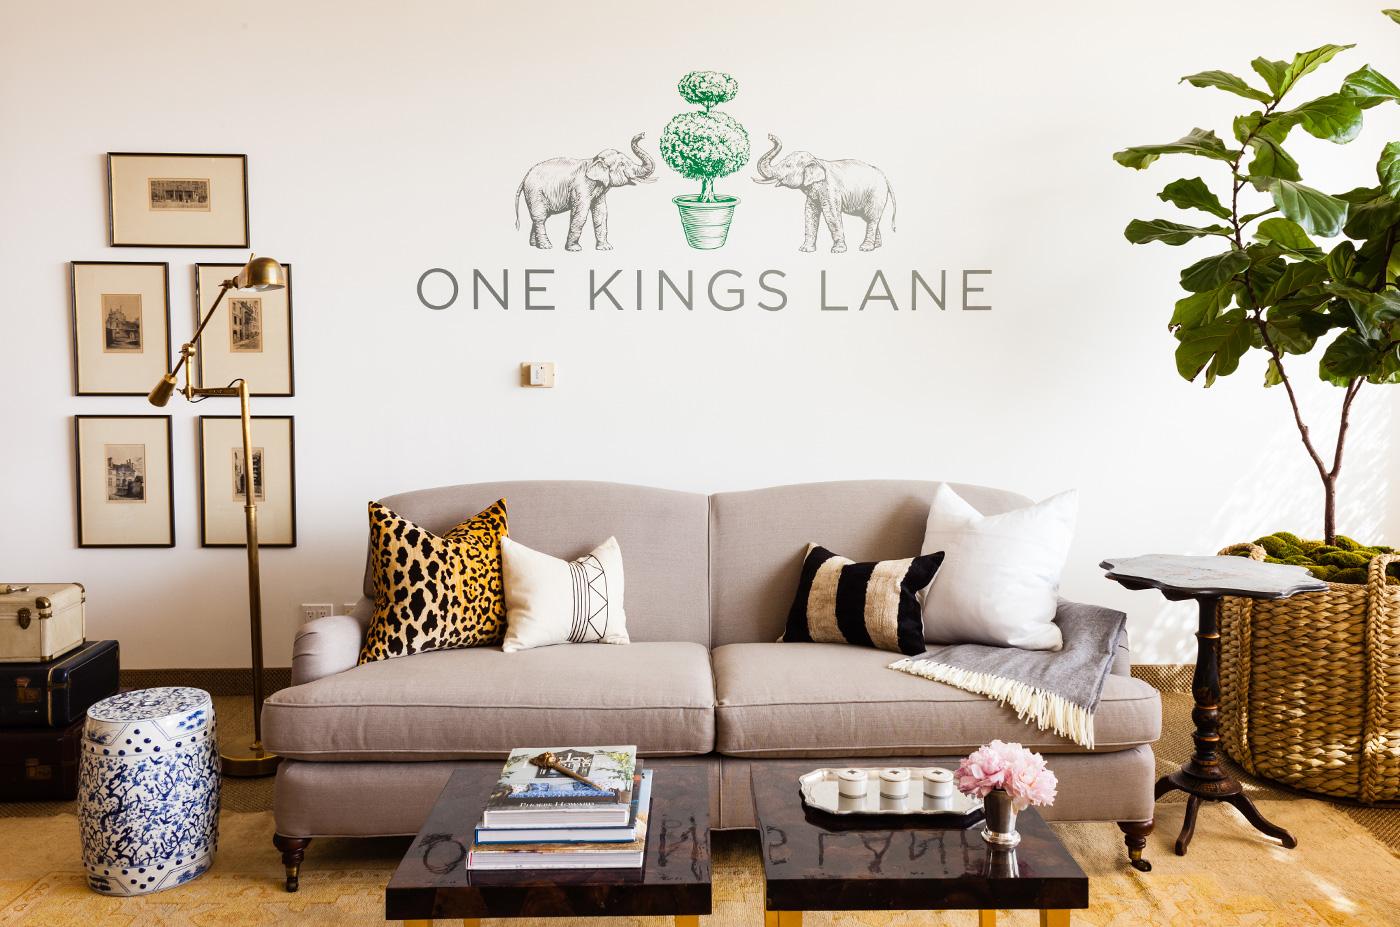 互联网家居闪购平台One Kings Lane 被美国家居零售巨头Bed Bath&Beyond 收购,估值或缩水75%?